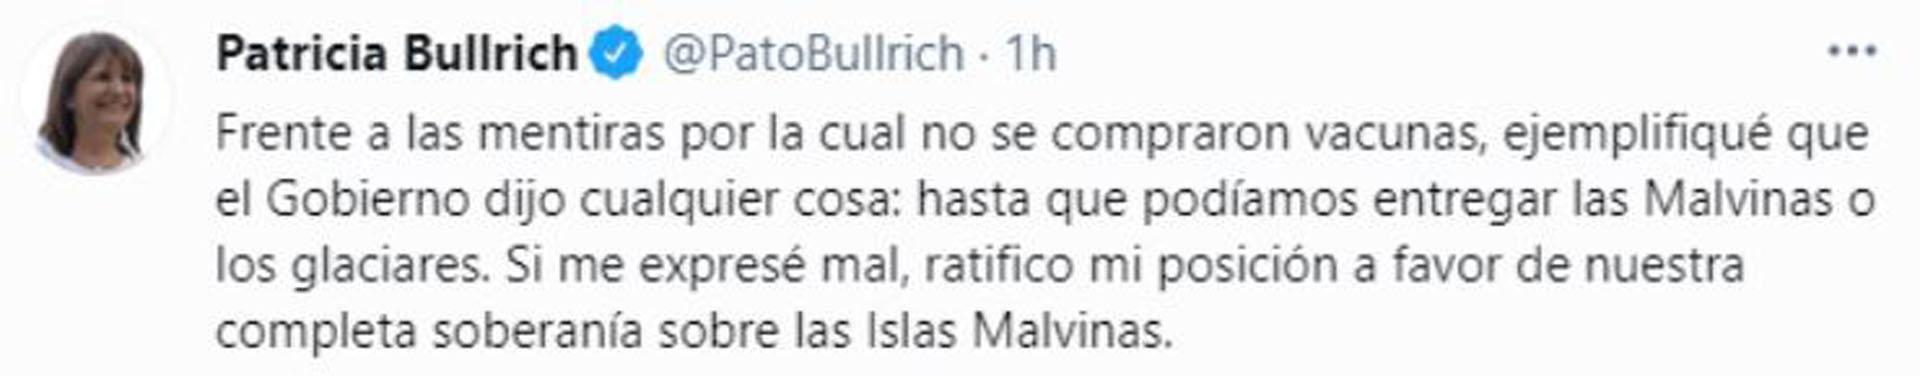 El descargo de Bullrich tras las críticas (Twitter)